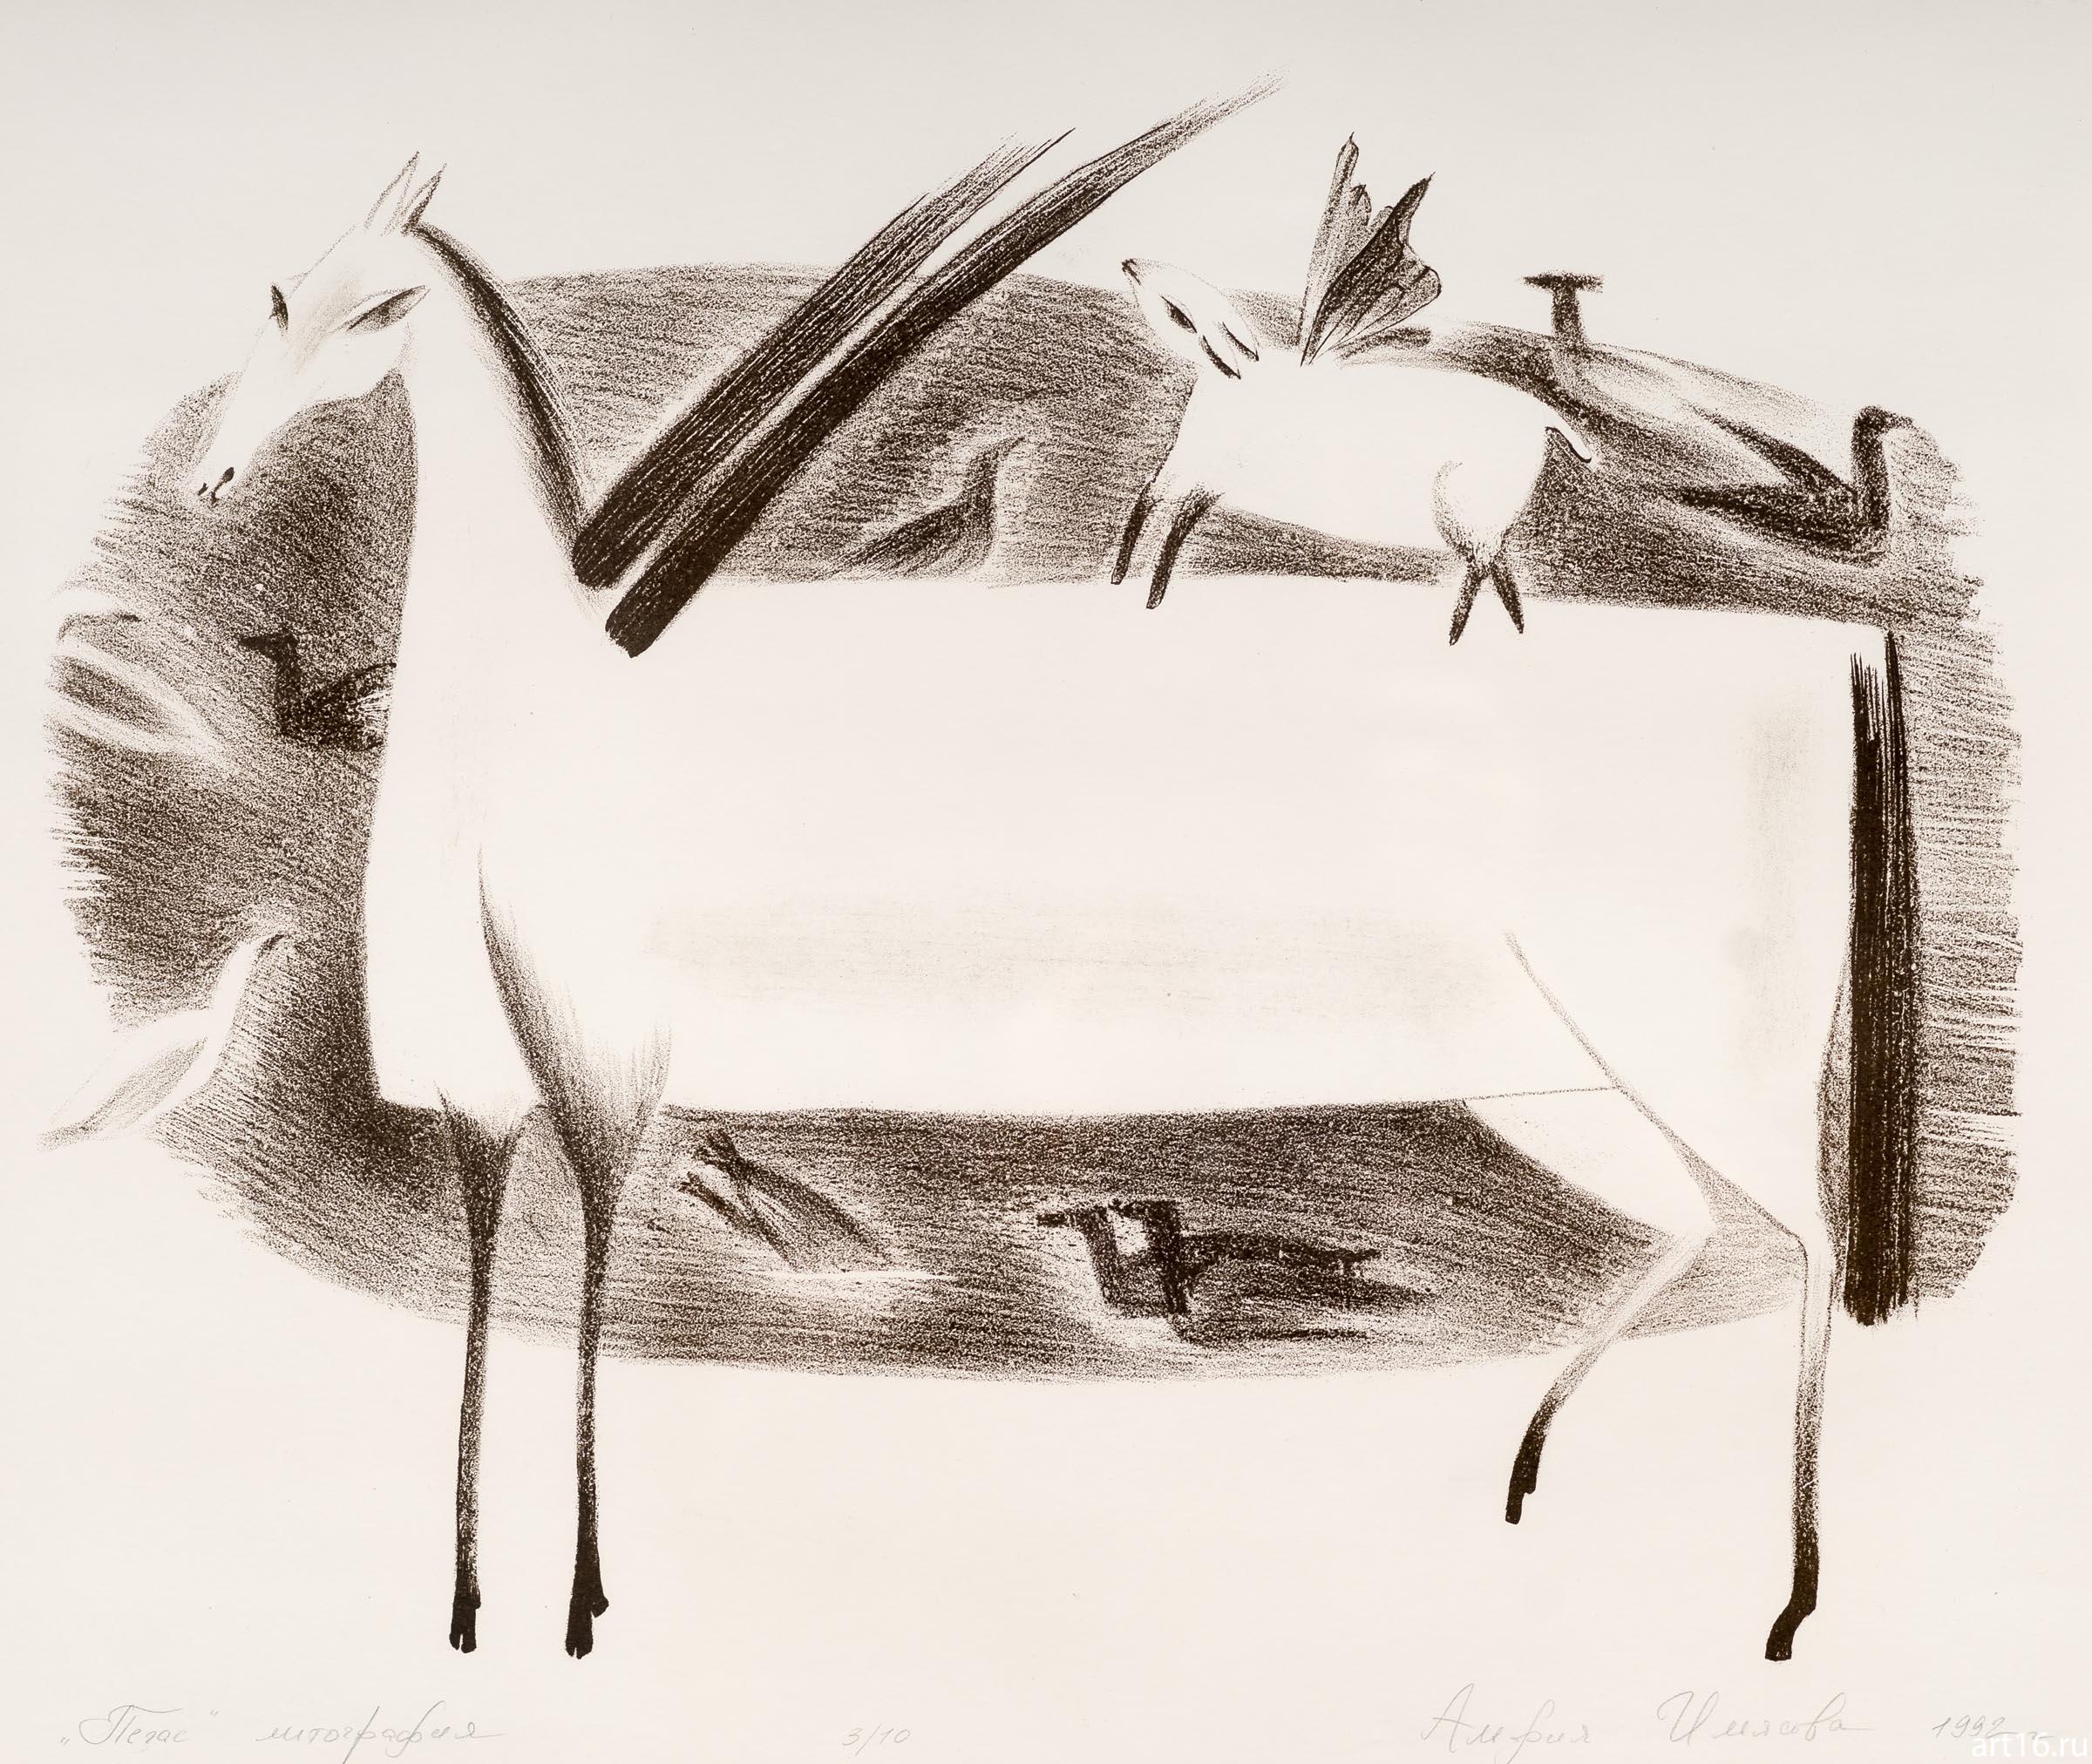 Пегас. 1992. Ильясова–Саргин А.Р.::Персональная выставка. Альфия Ильясова–Саргин. 8 декабря 2016